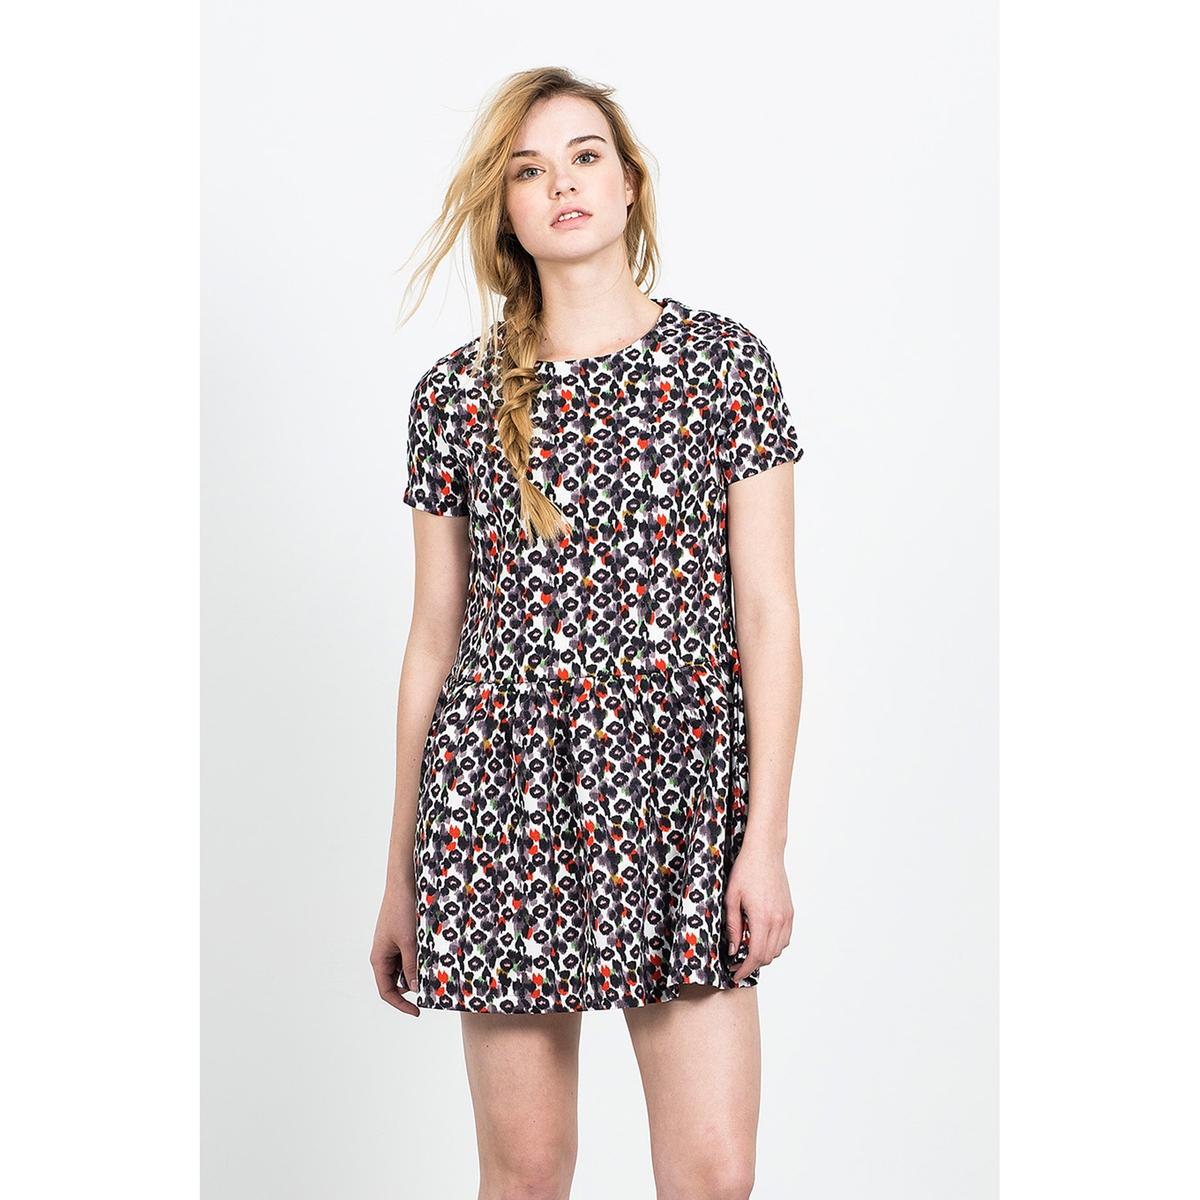 Короткое расклешённое платье с короткими рукавами AZTECA SKIRT платье с рукавами printio журавль